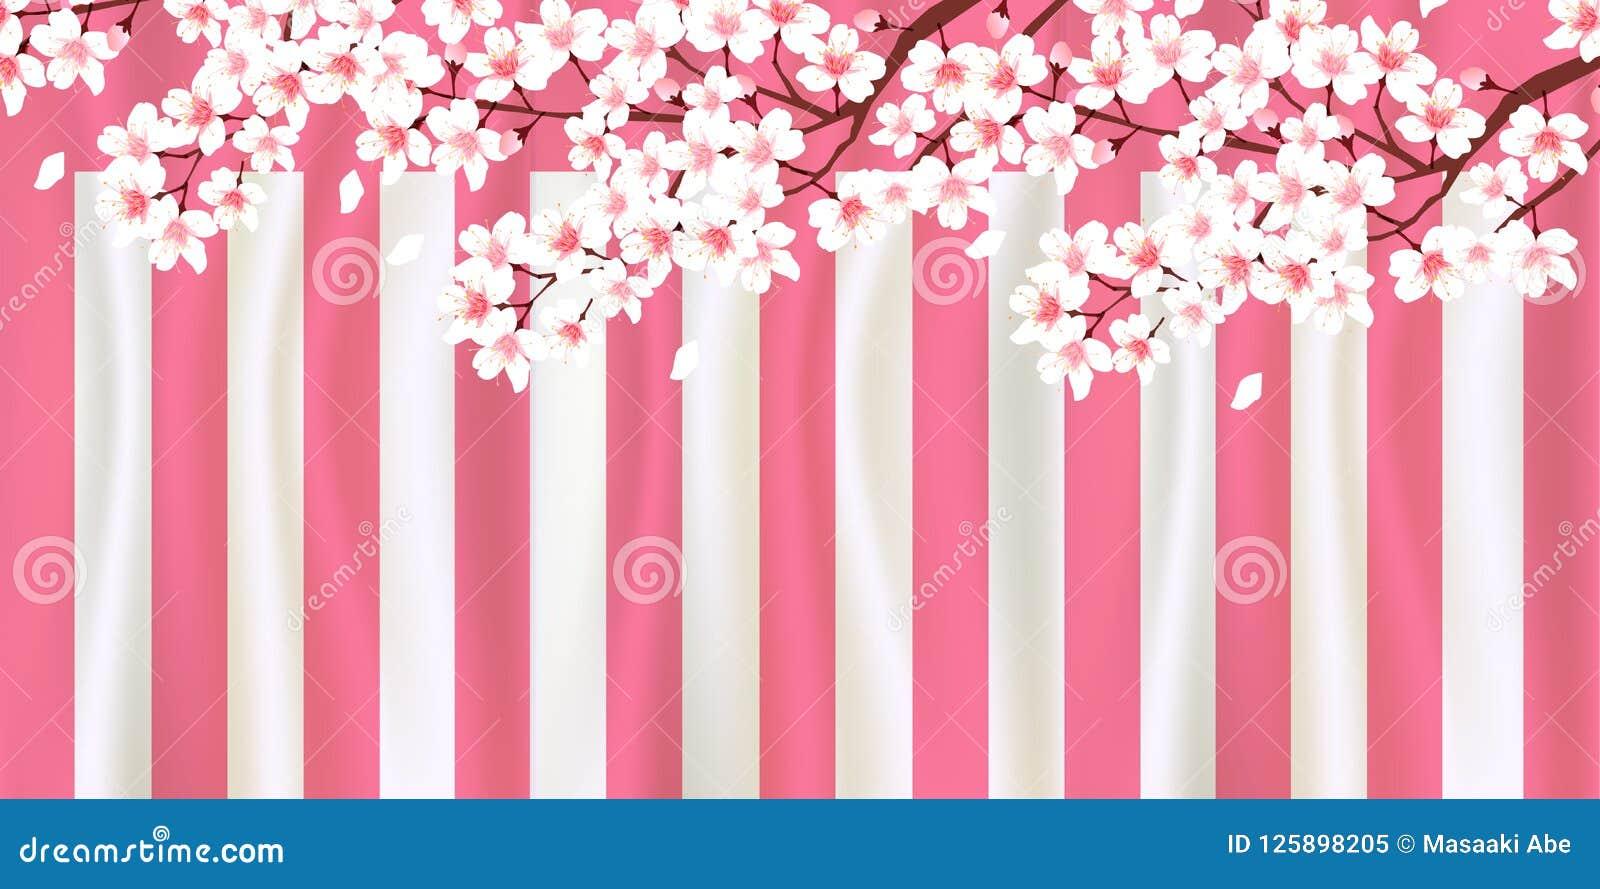 Kirschblütenillustration